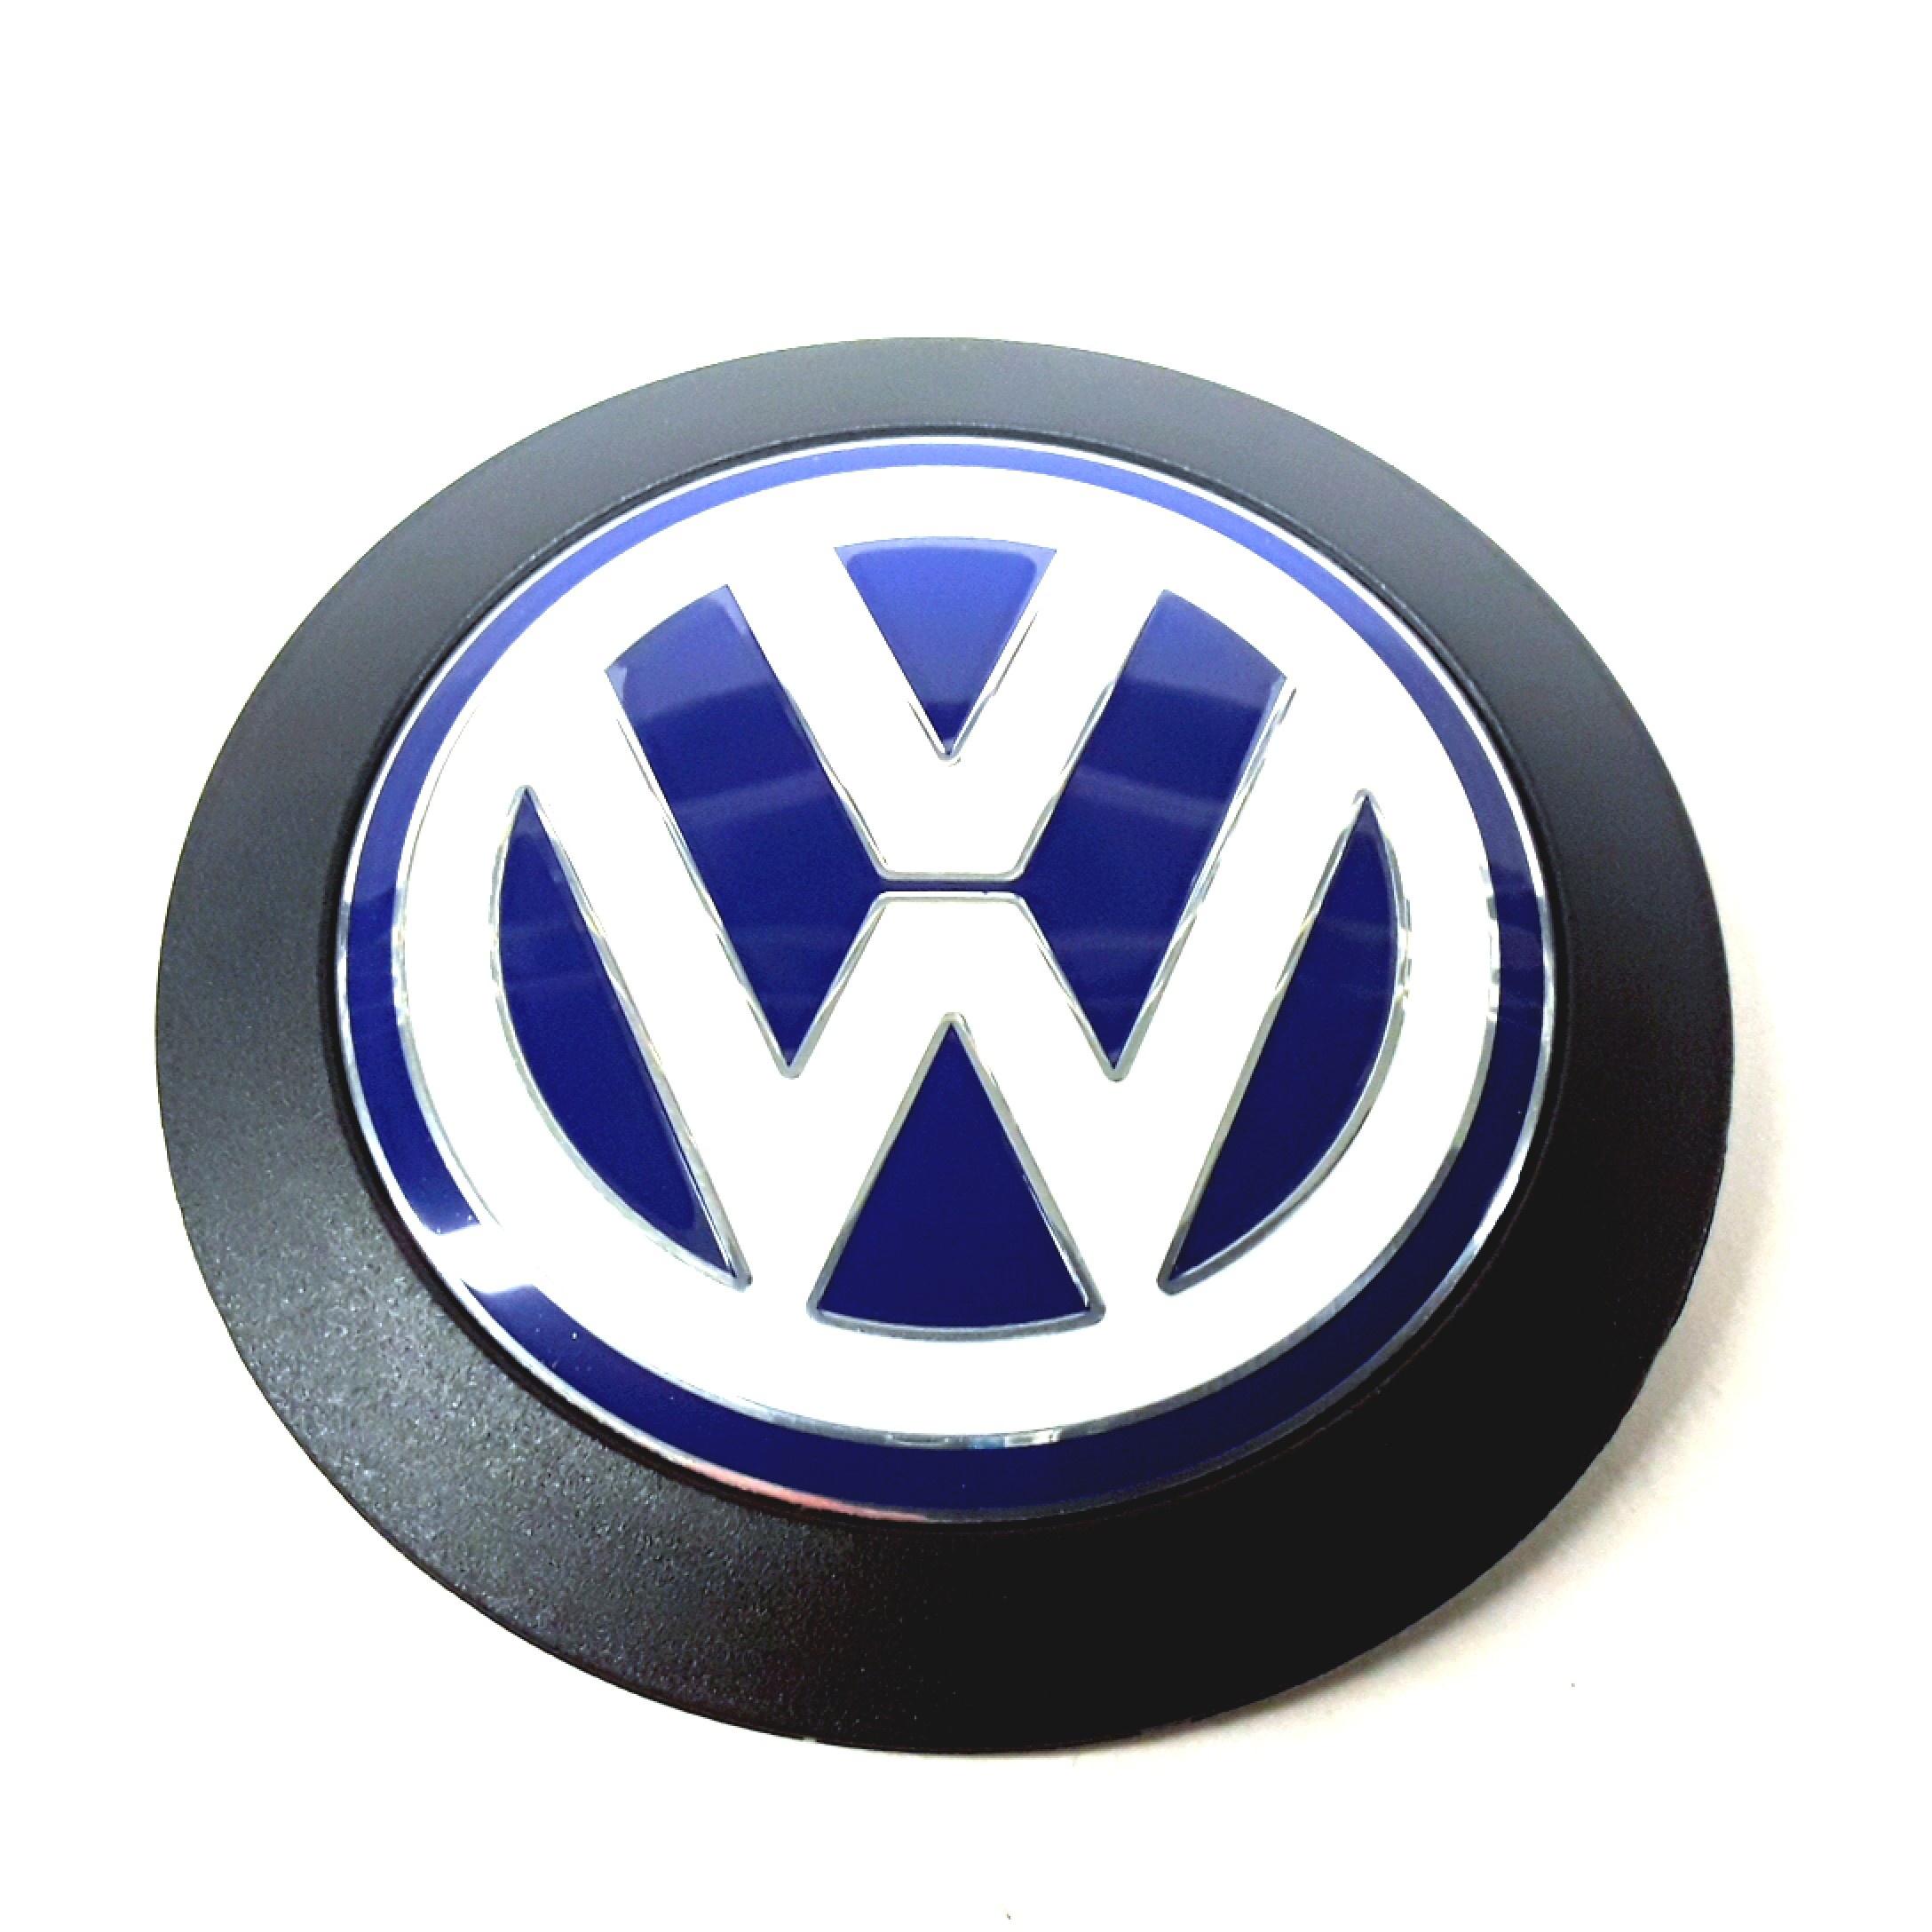 Volkswagen Atlanta: 038103940F - Volkswagen VW Vw Sign. VW EMBLEM. Blue